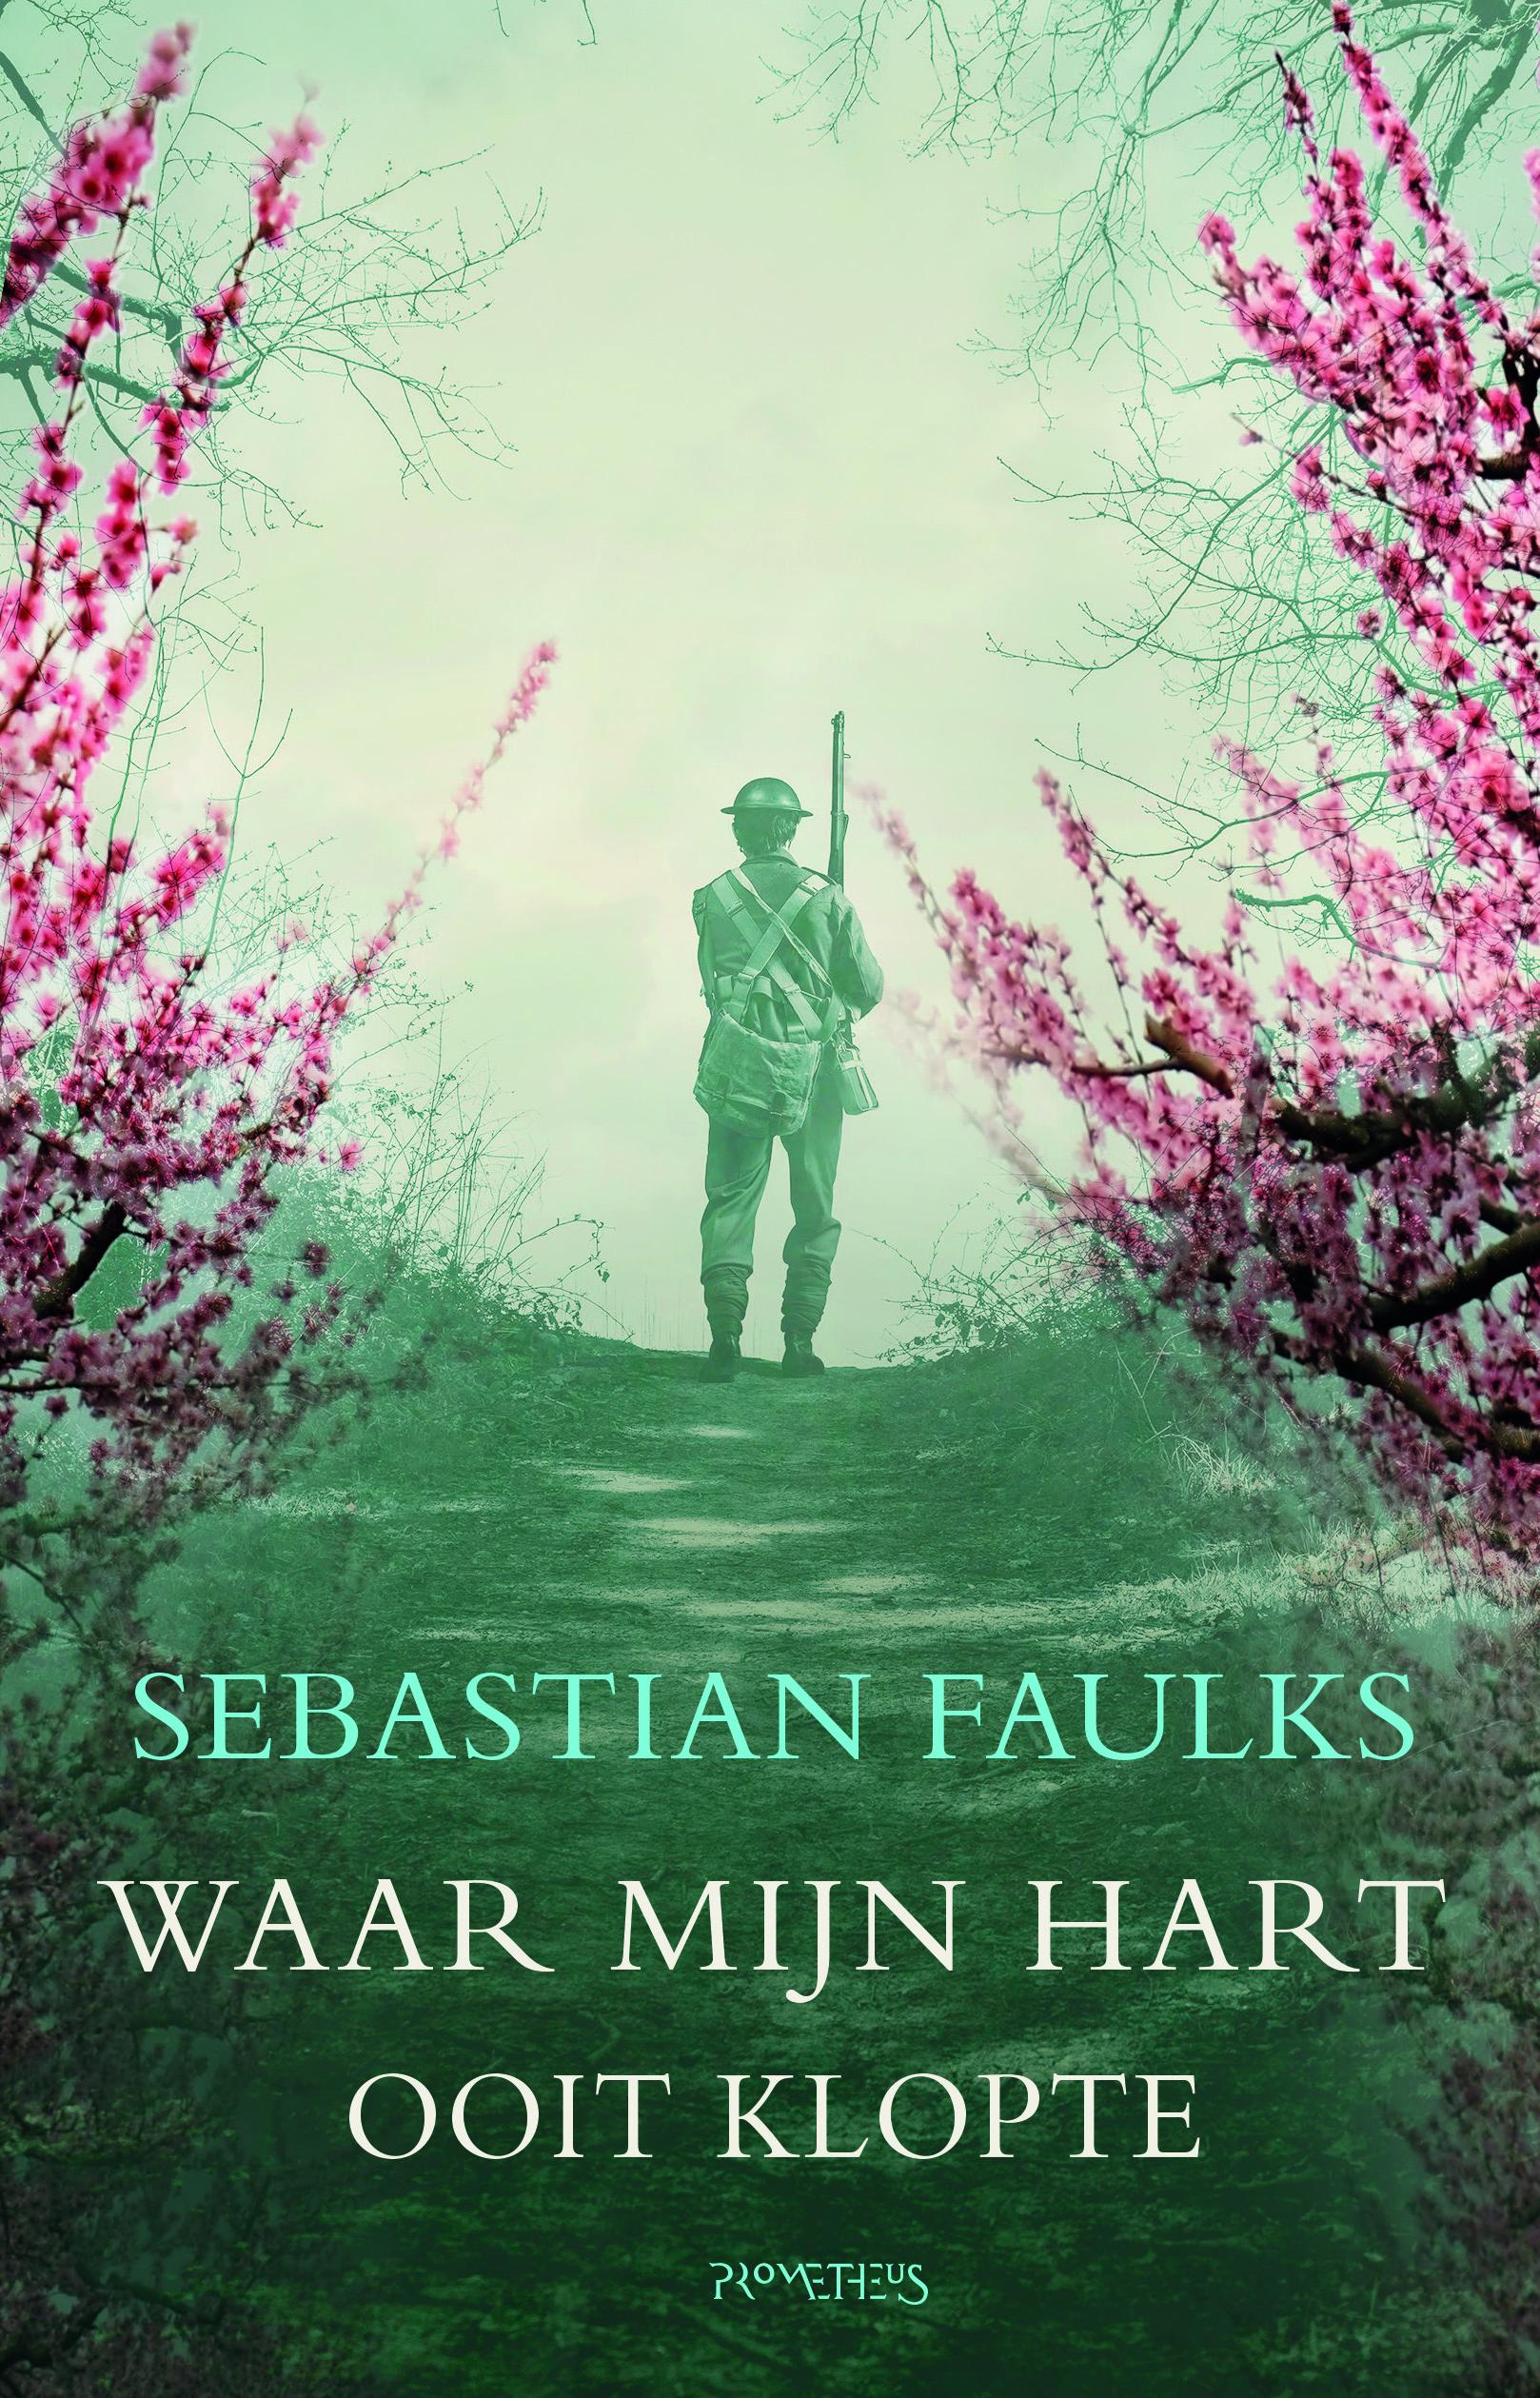 Waar mijn hart ooit klopte – Sebastian Faulks